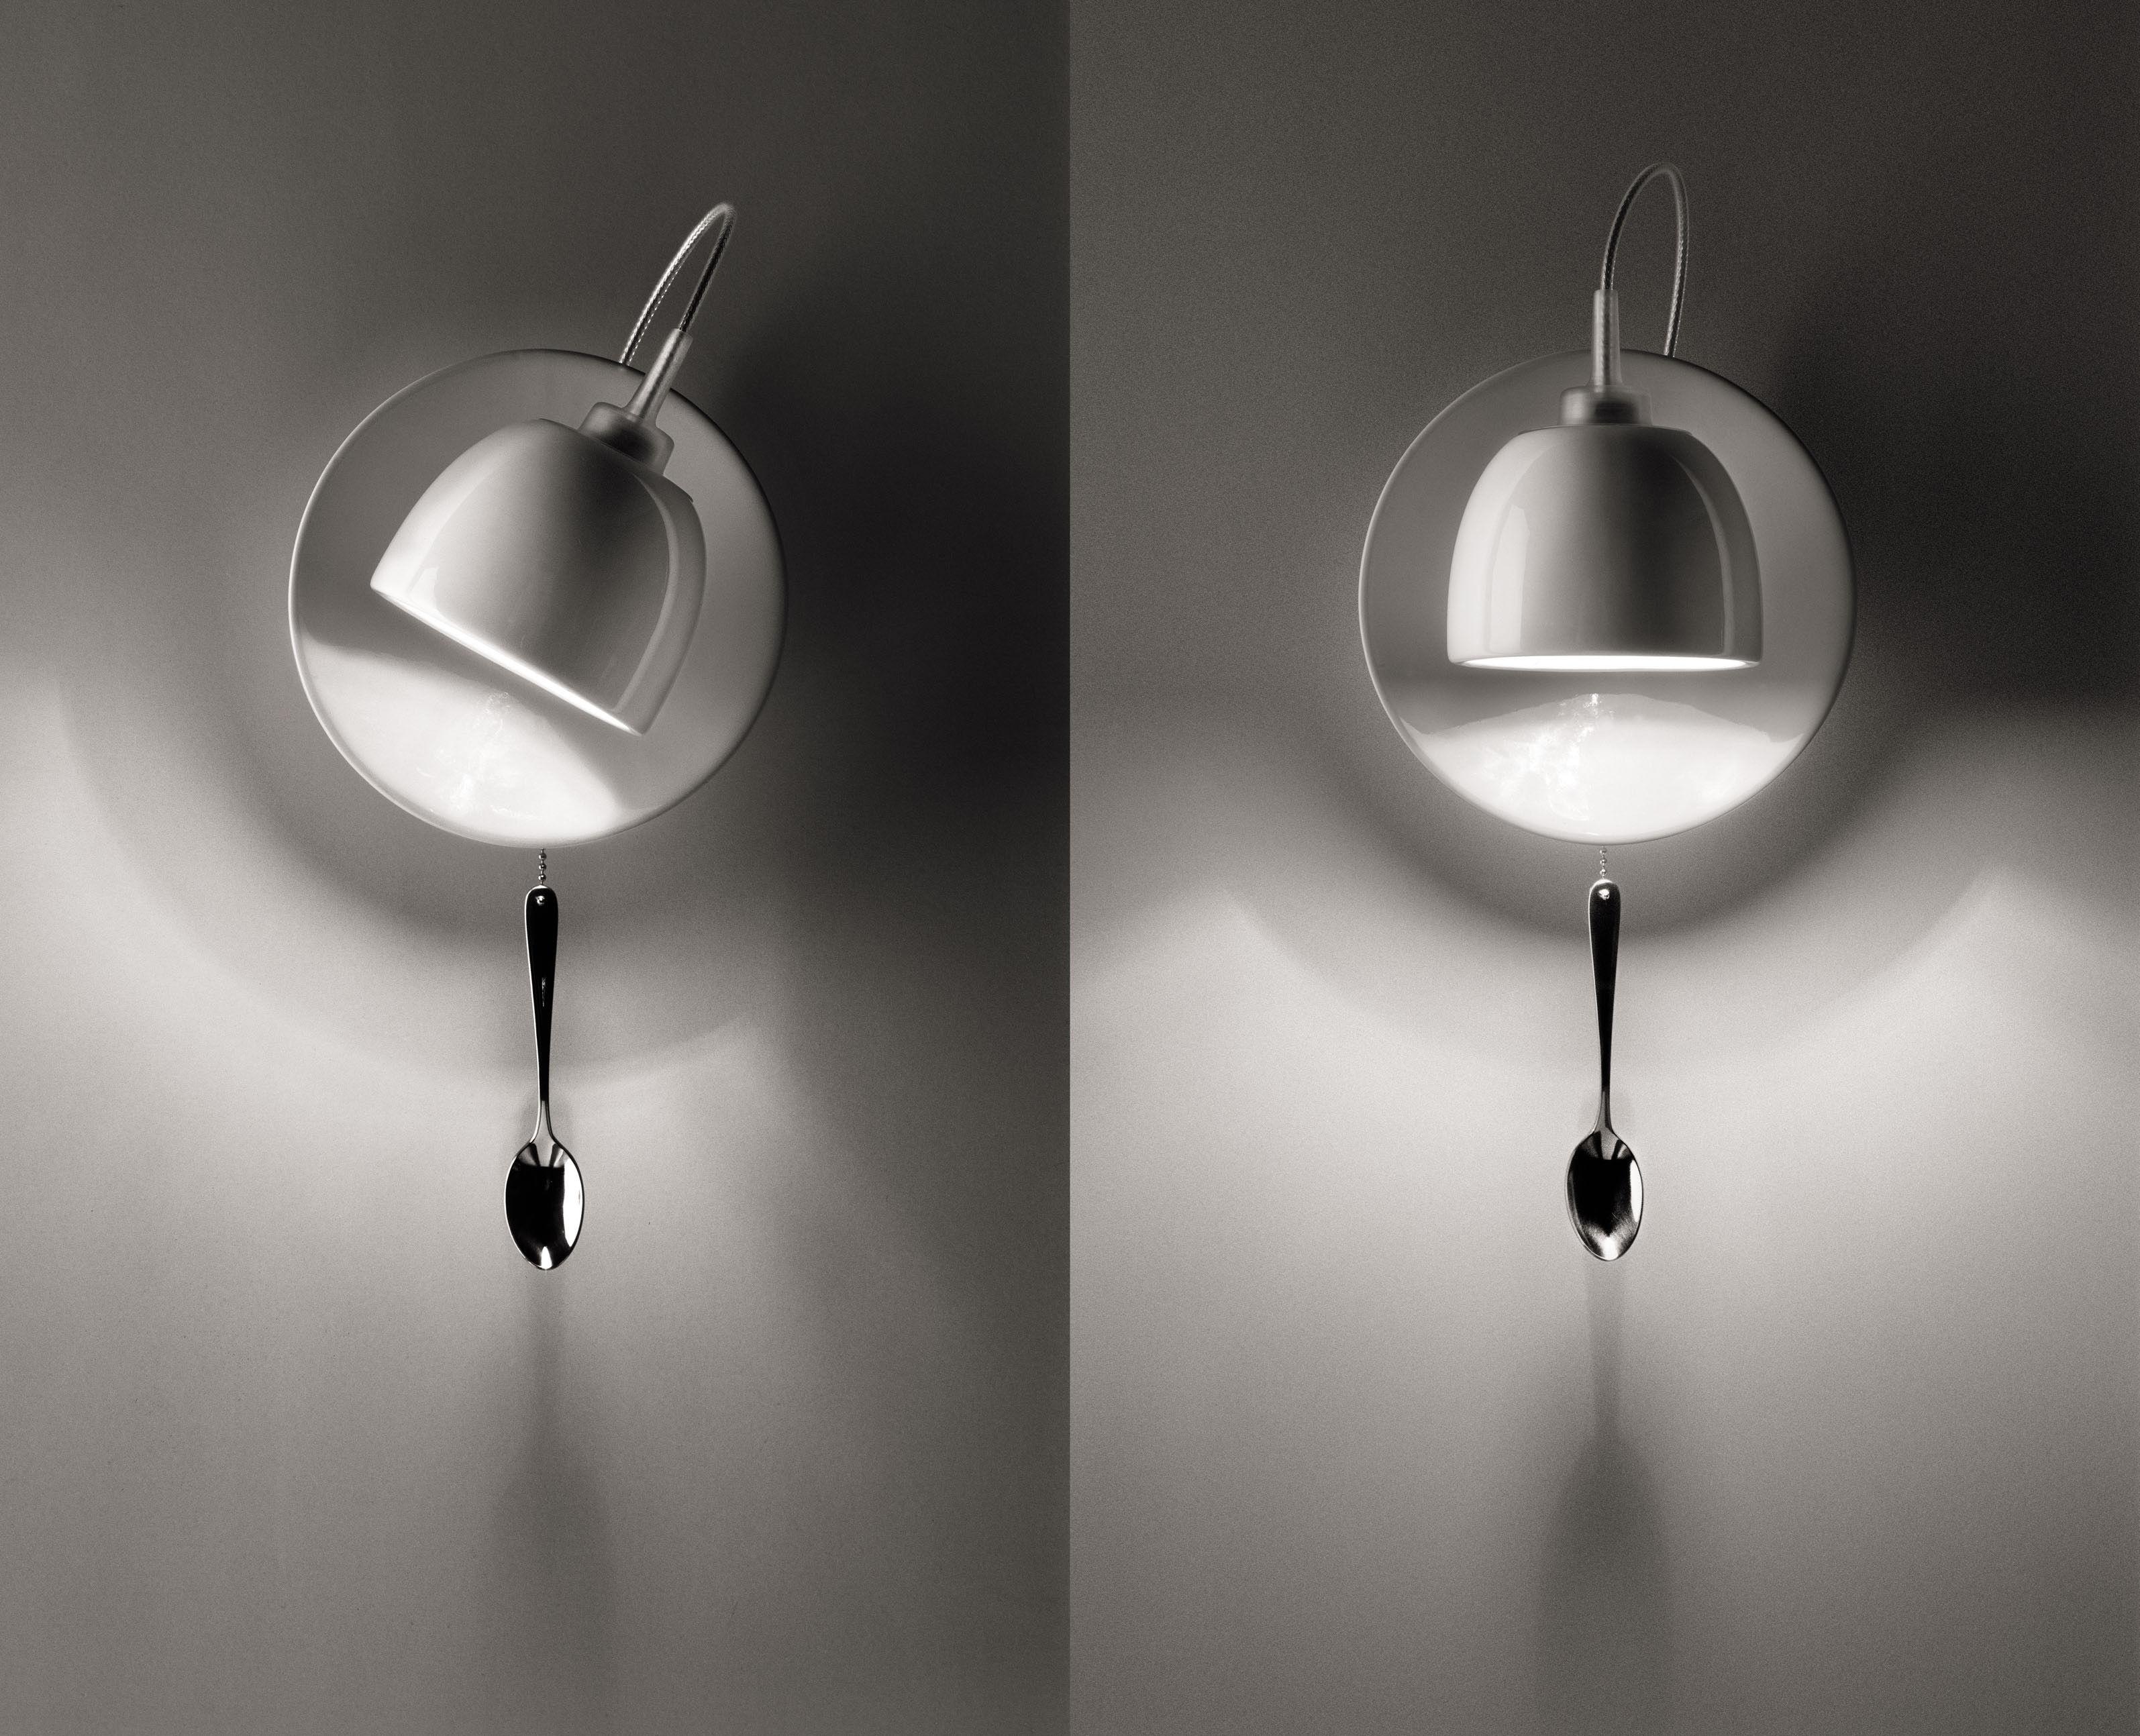 Light au lait applique con presa lampada bianco porcellana by